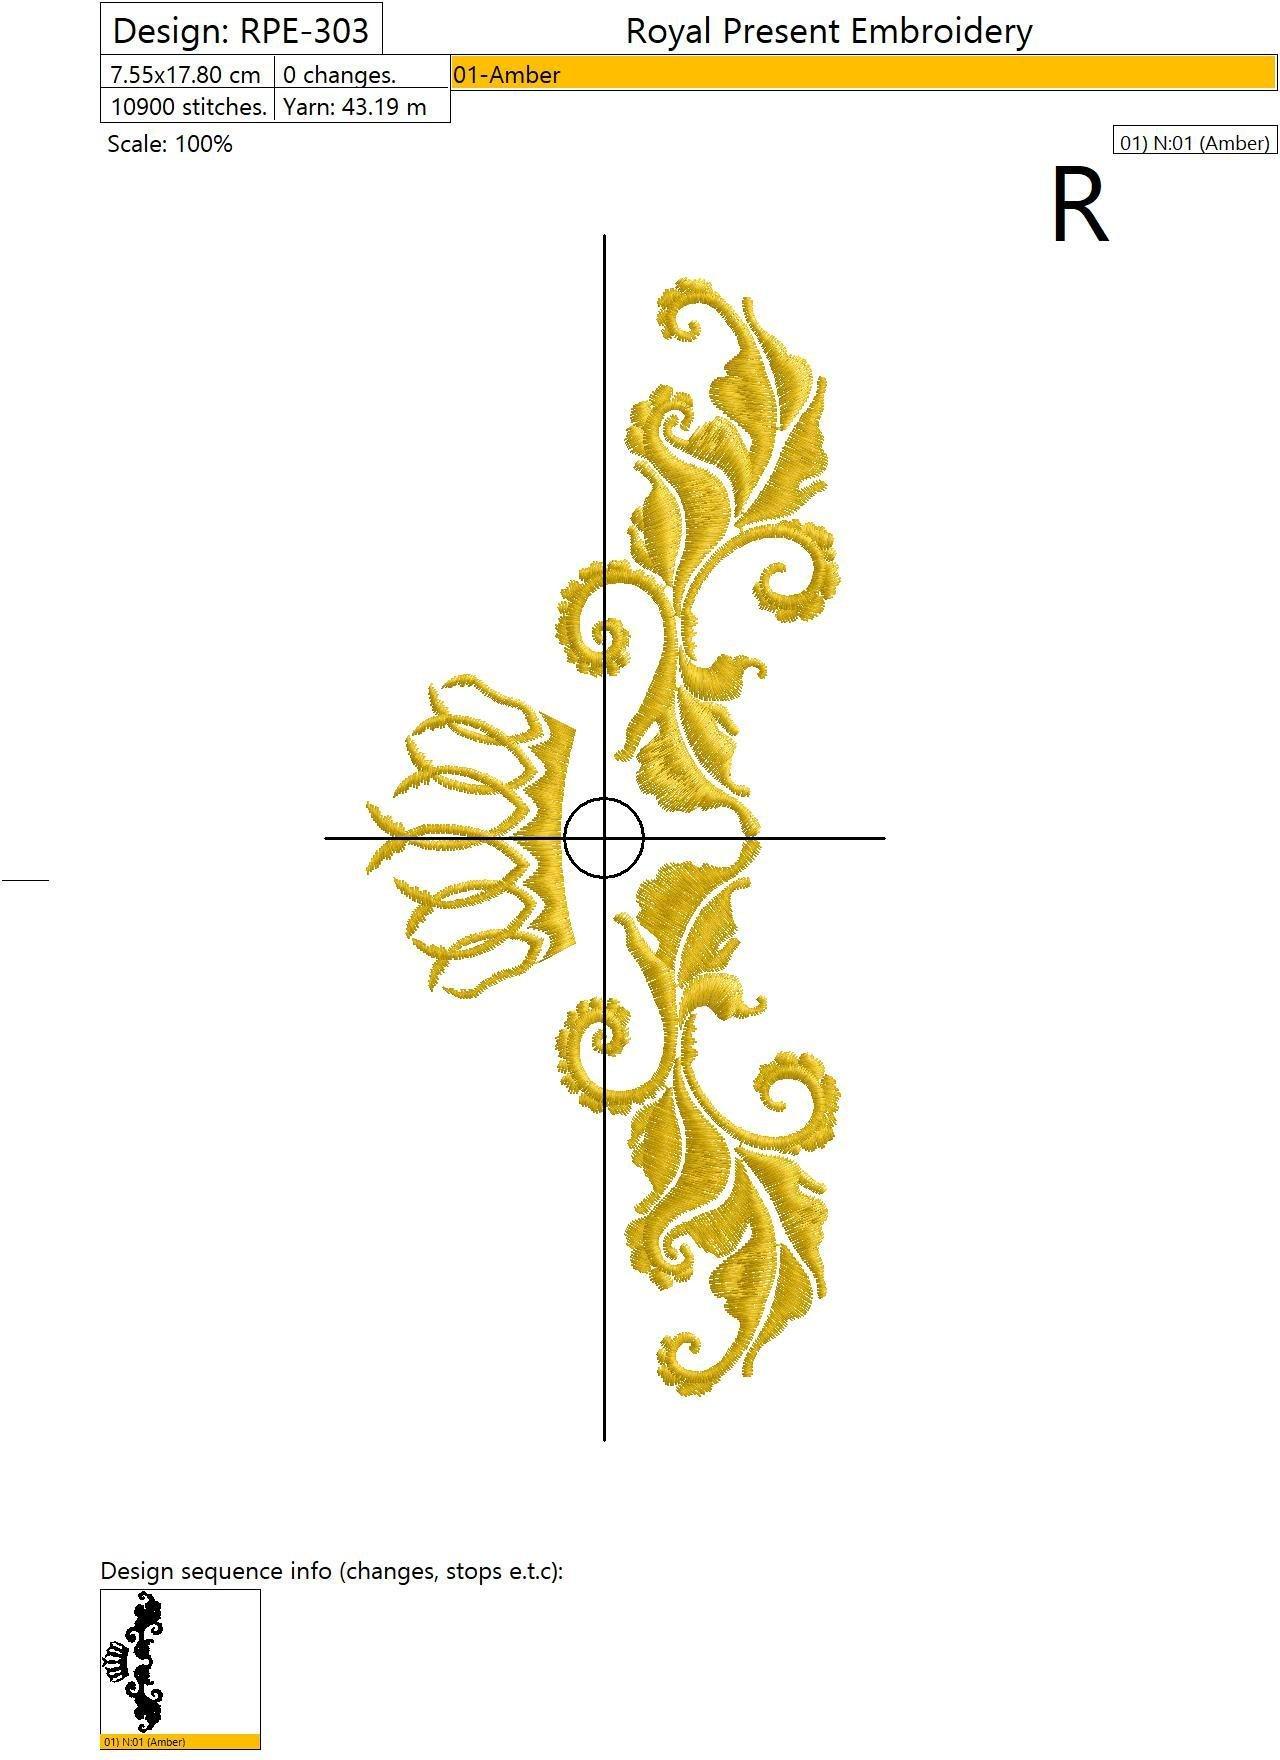 Дизайн машинной вышивки Декоративный элемент с короной VI- 2 размера